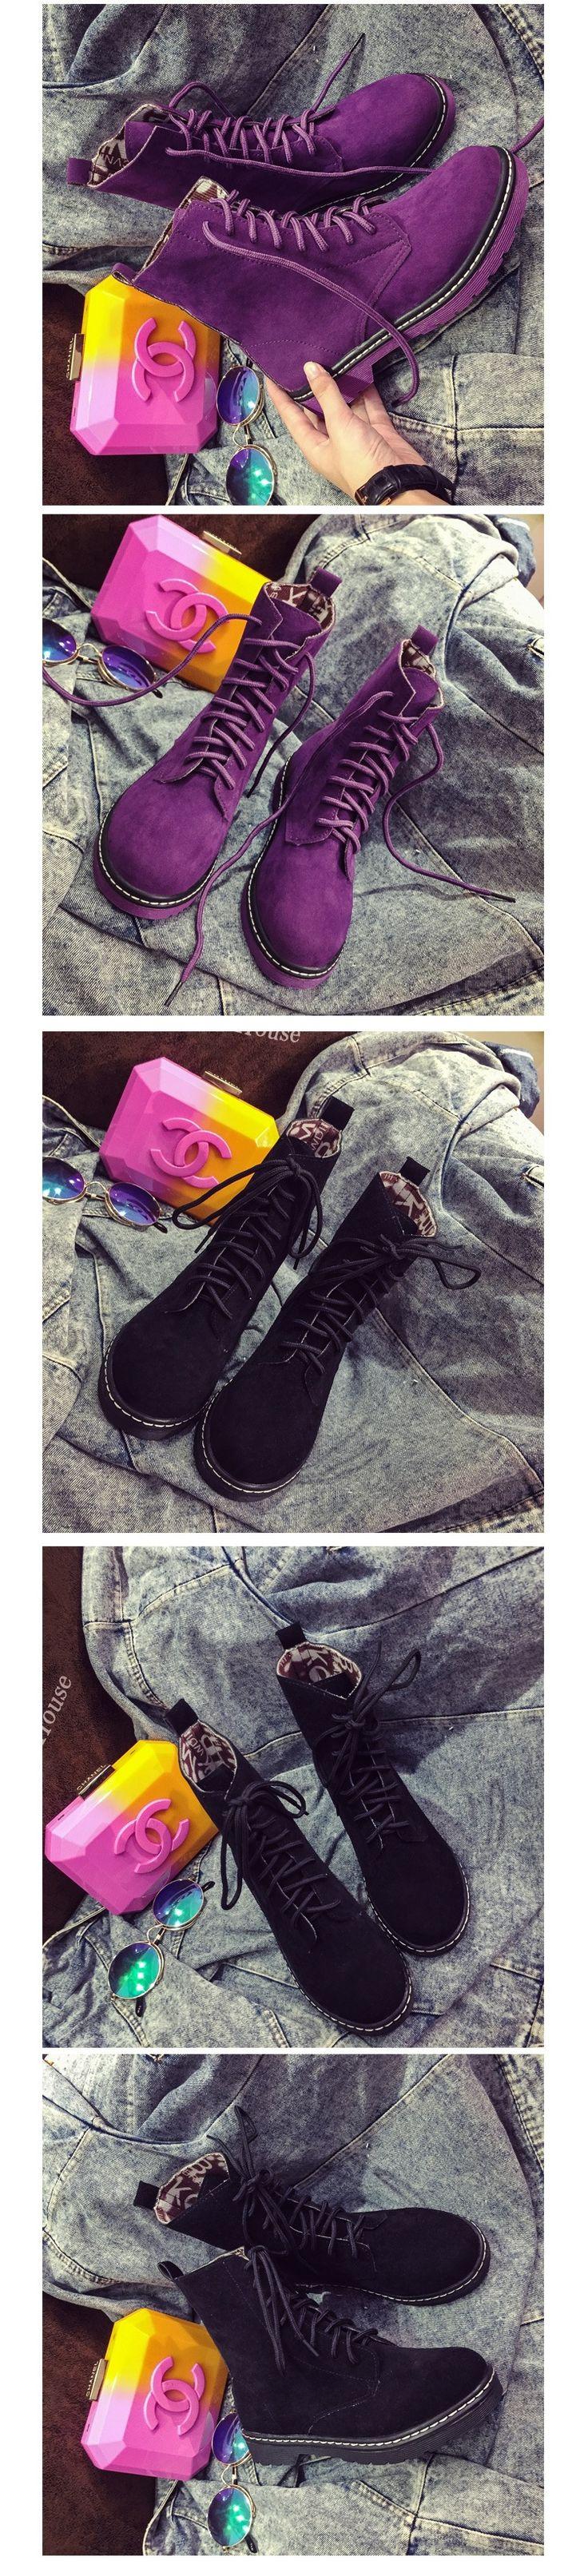 Aliexpress.com: Comprar 2016 Nuevos Zapatos de Invierno Rouund Cargadores de la Nieve para Las Mujeres de Moda Martin Botas de Algodón Zapatos Calientes Mujeres Pink Motorcycle Boots Square talón de bota zapato secador fiable proveedores en Qian Fashion shoe store